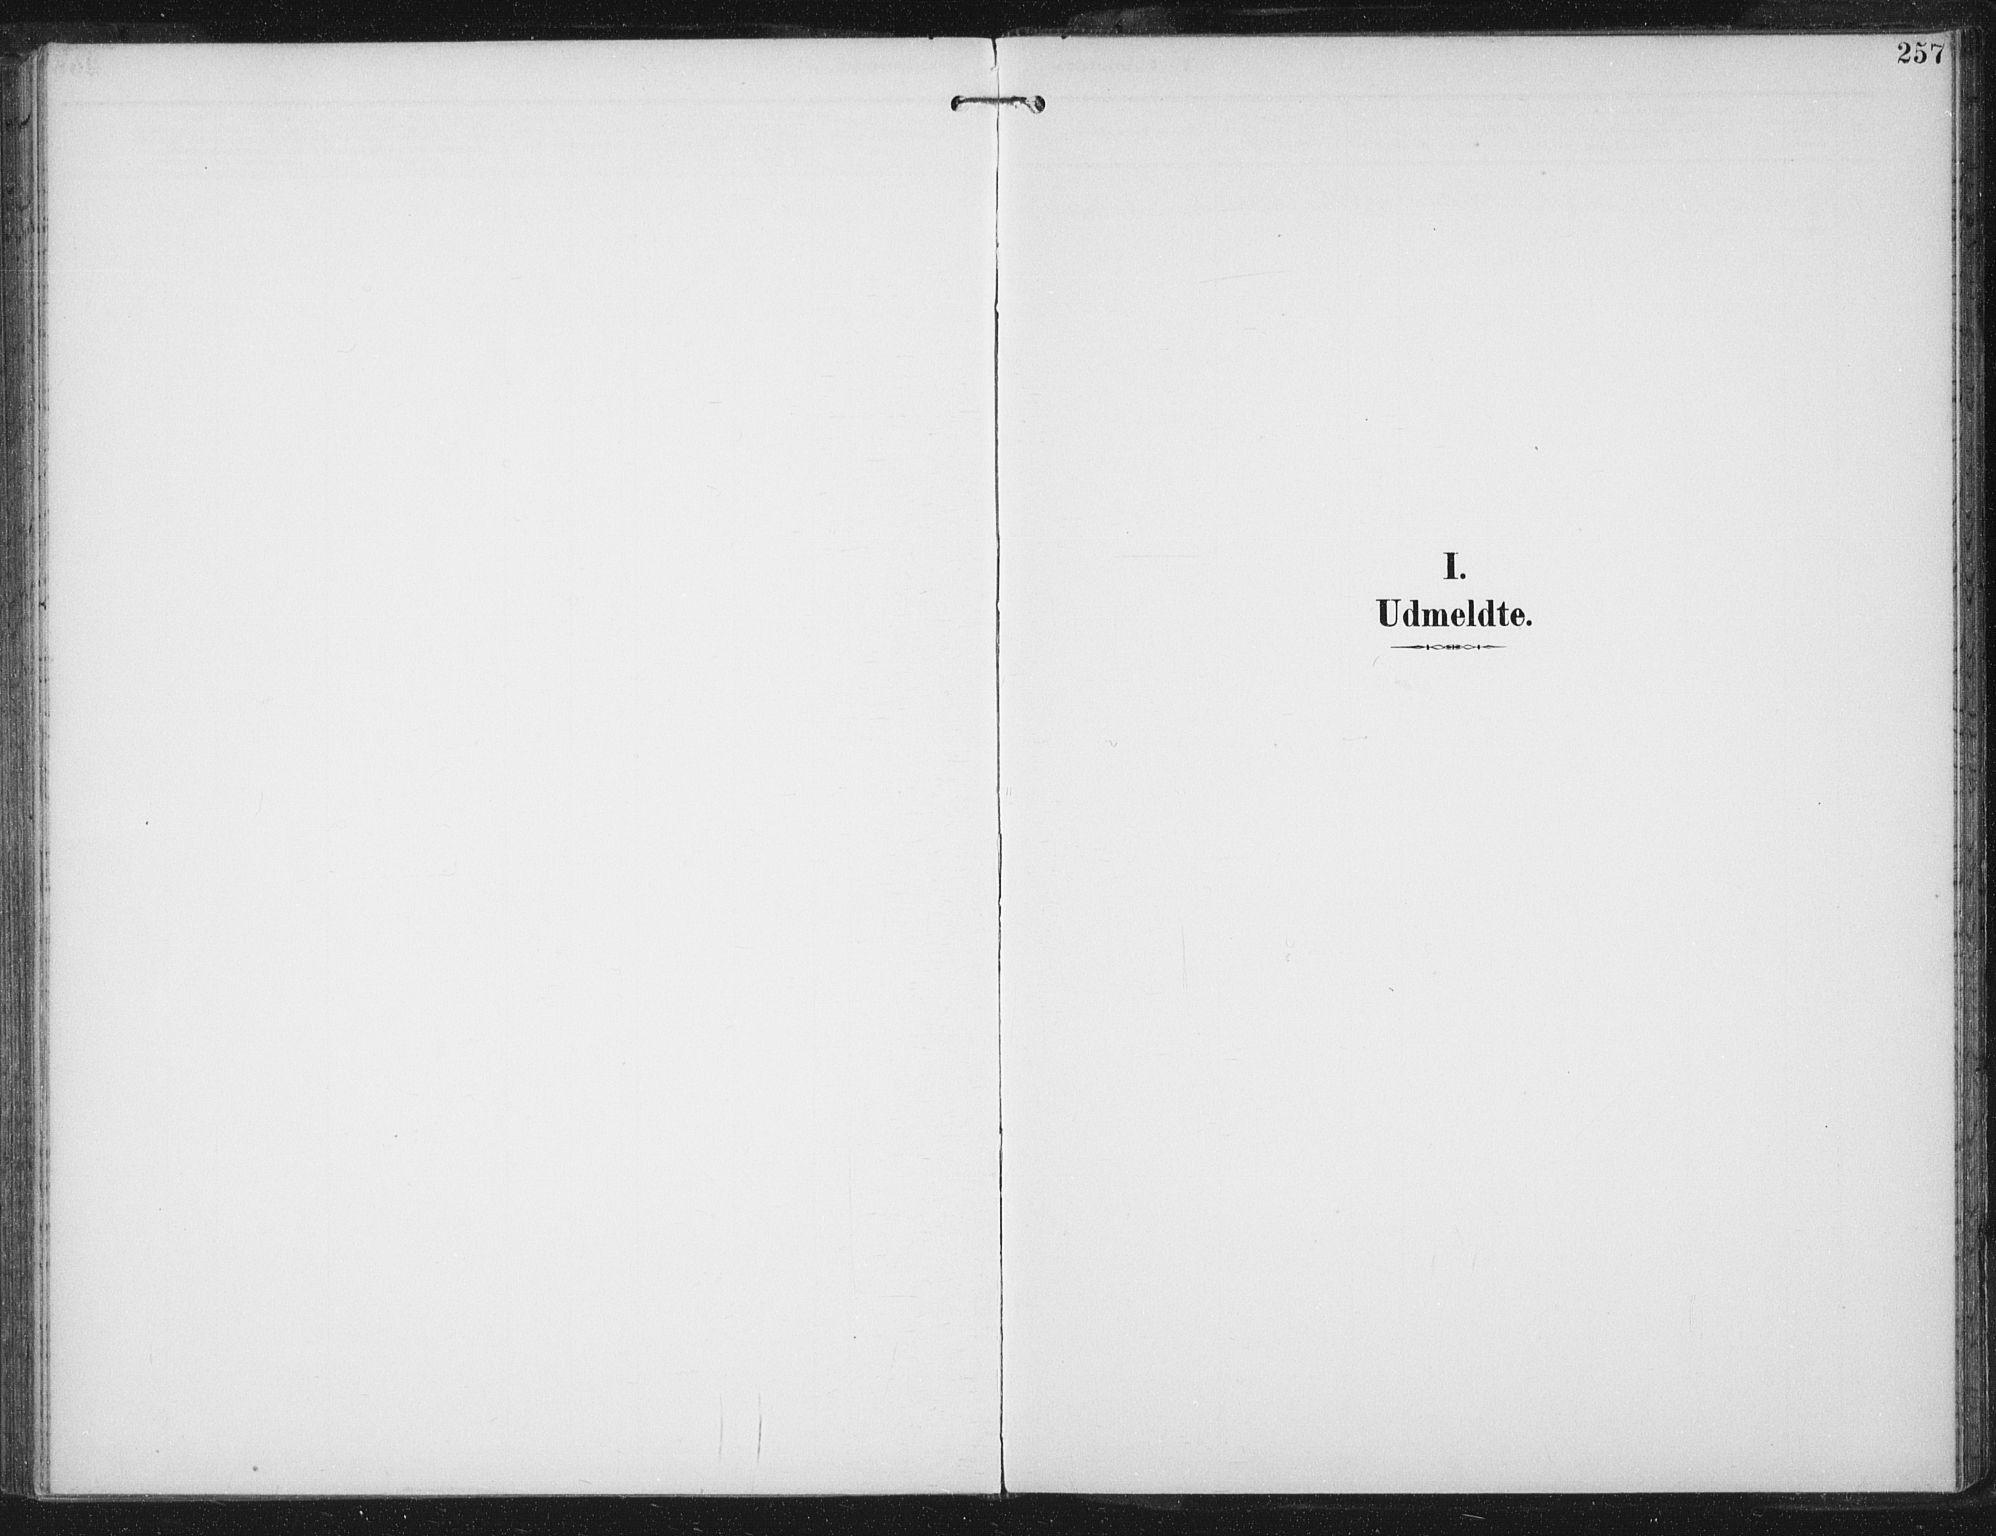 SAT, Ministerialprotokoller, klokkerbøker og fødselsregistre - Sør-Trøndelag, 674/L0872: Ministerialbok nr. 674A04, 1897-1907, s. 257